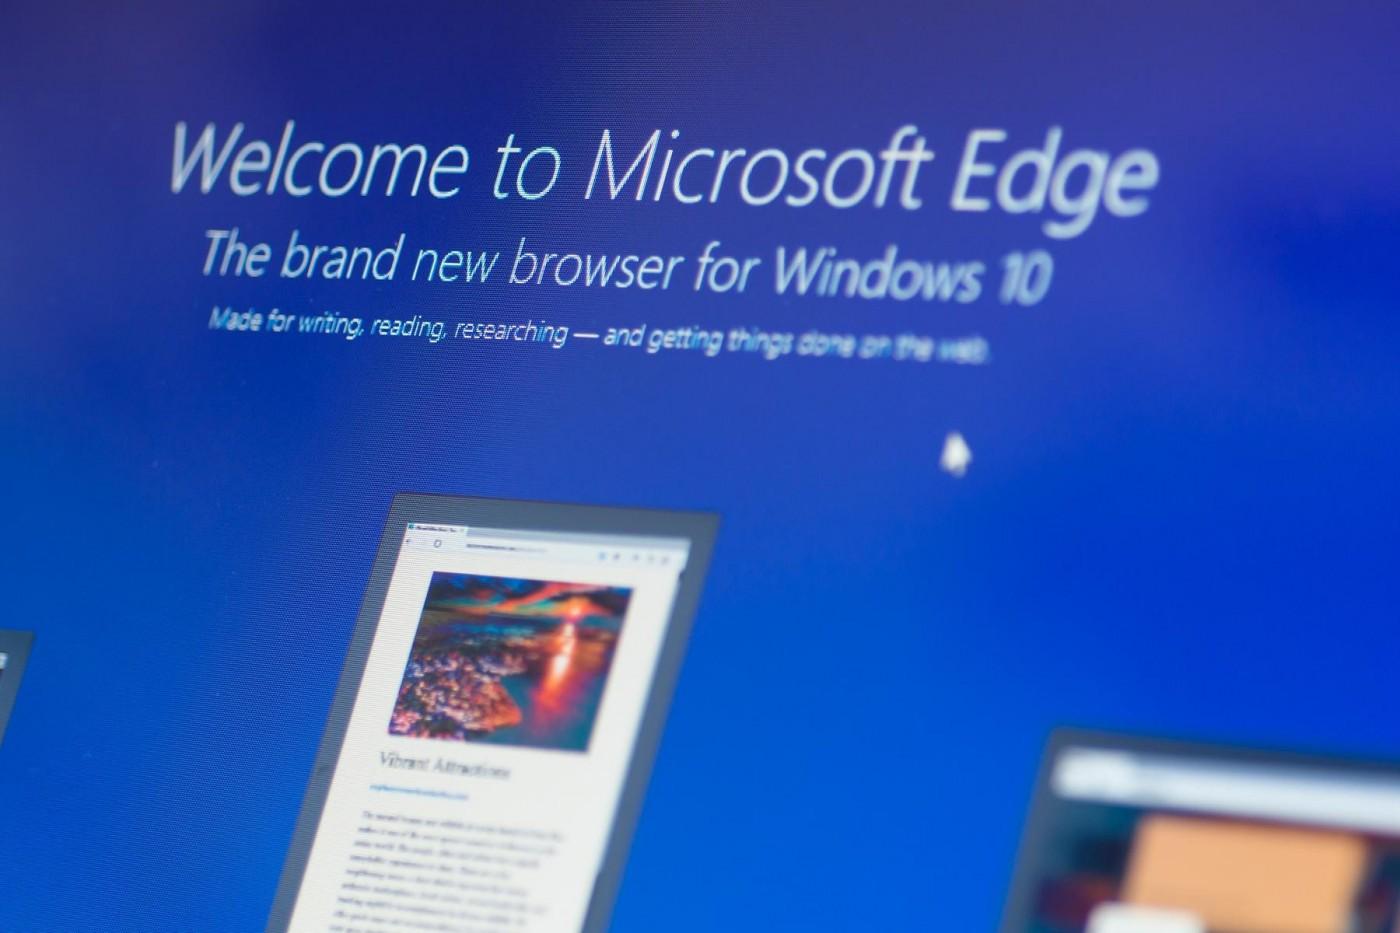 當年風光取代IE,如今微軟Edge瀏覽器面臨淘汰命運